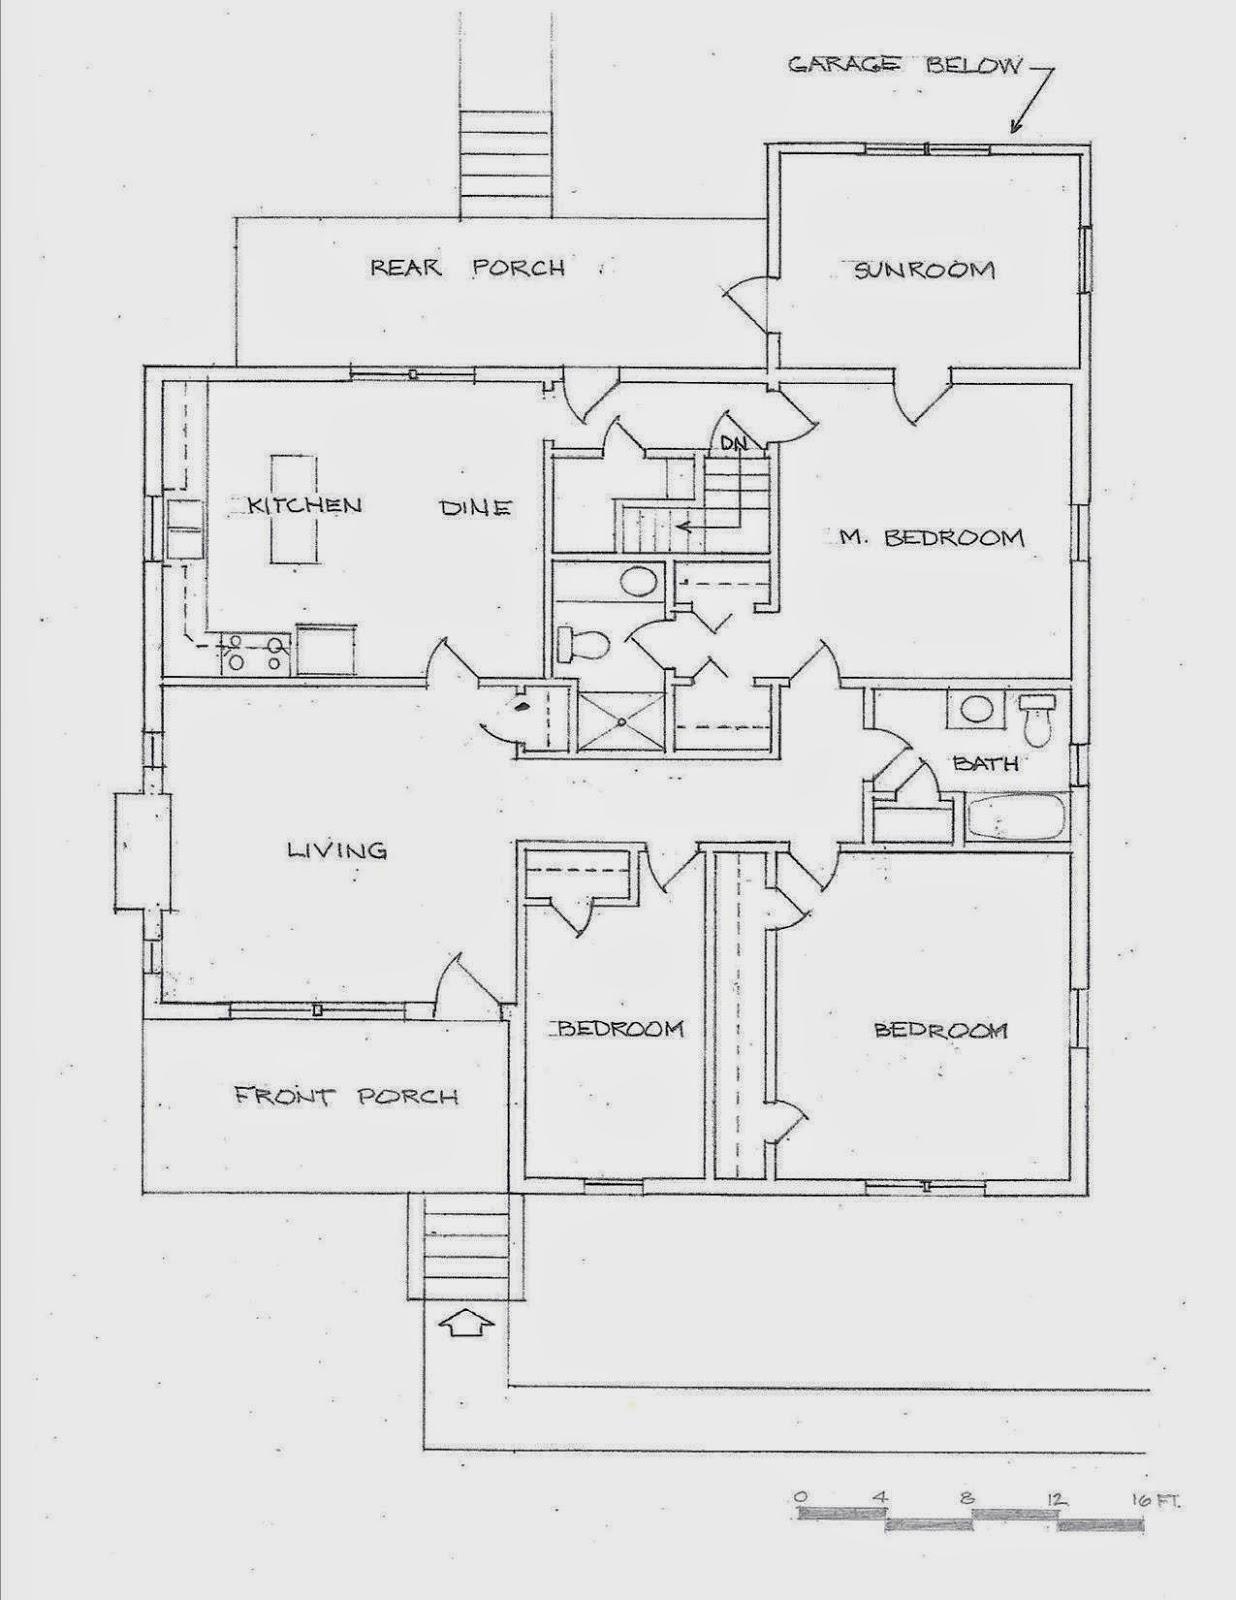 Shenandoah Valley Home Rentals For Rent